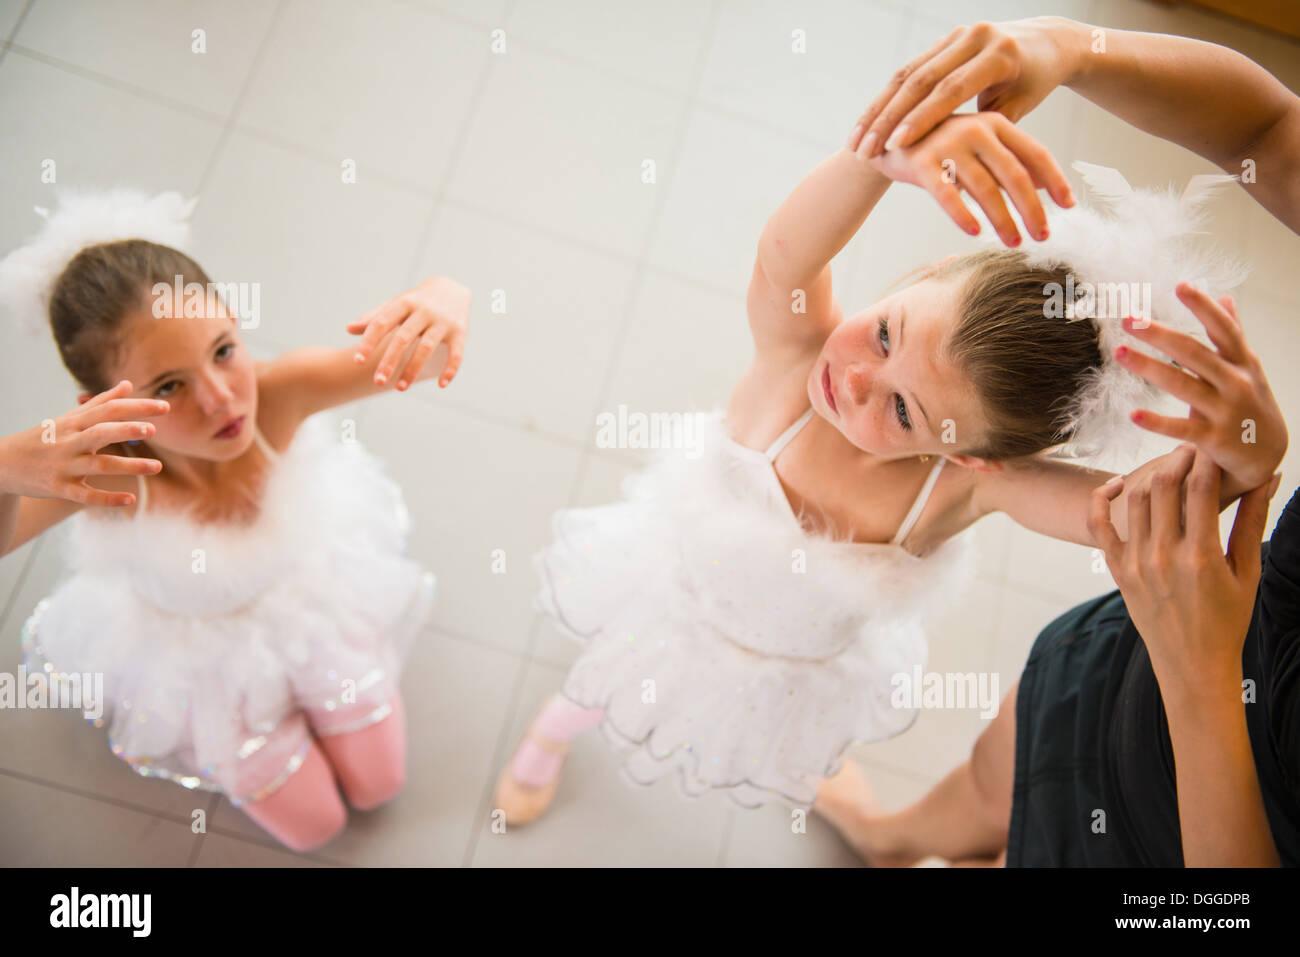 Professeur de ballet matures organiser les mains de ballerine Banque D'Images